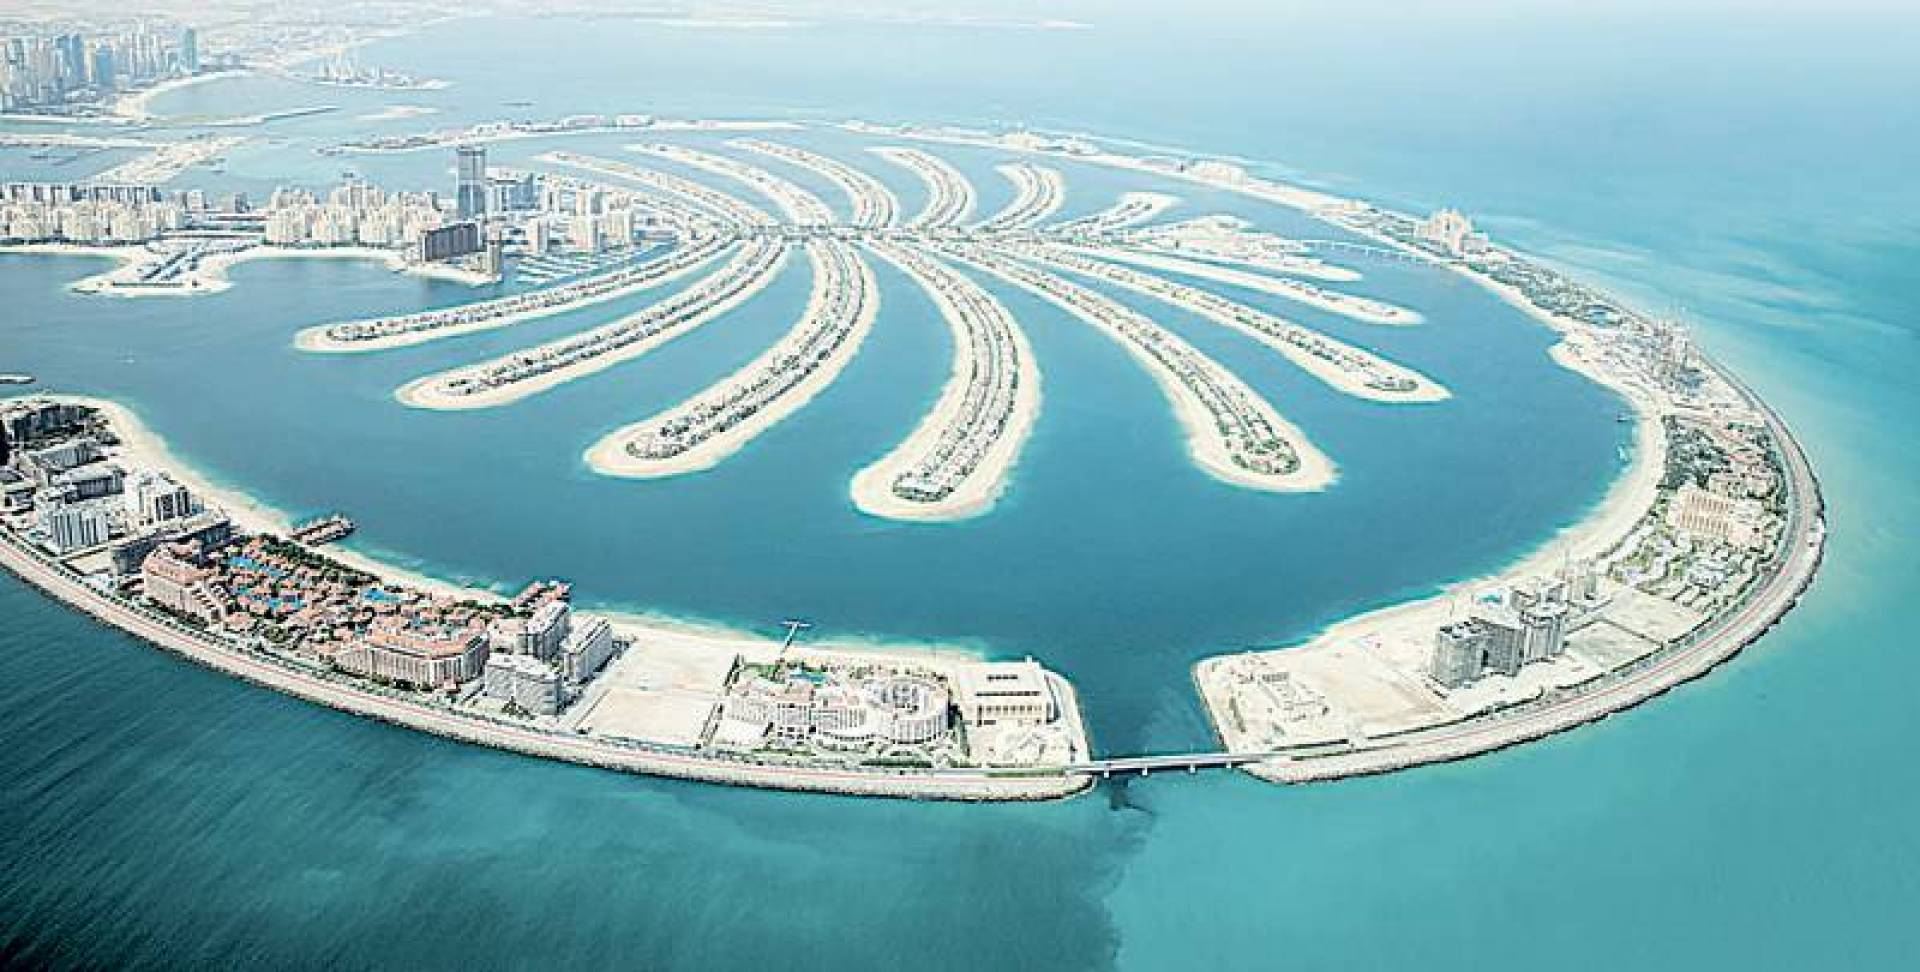 المشاريع العقارية والسياحية على الجزر الشاطئية تلقى إقبالاً واسعاً